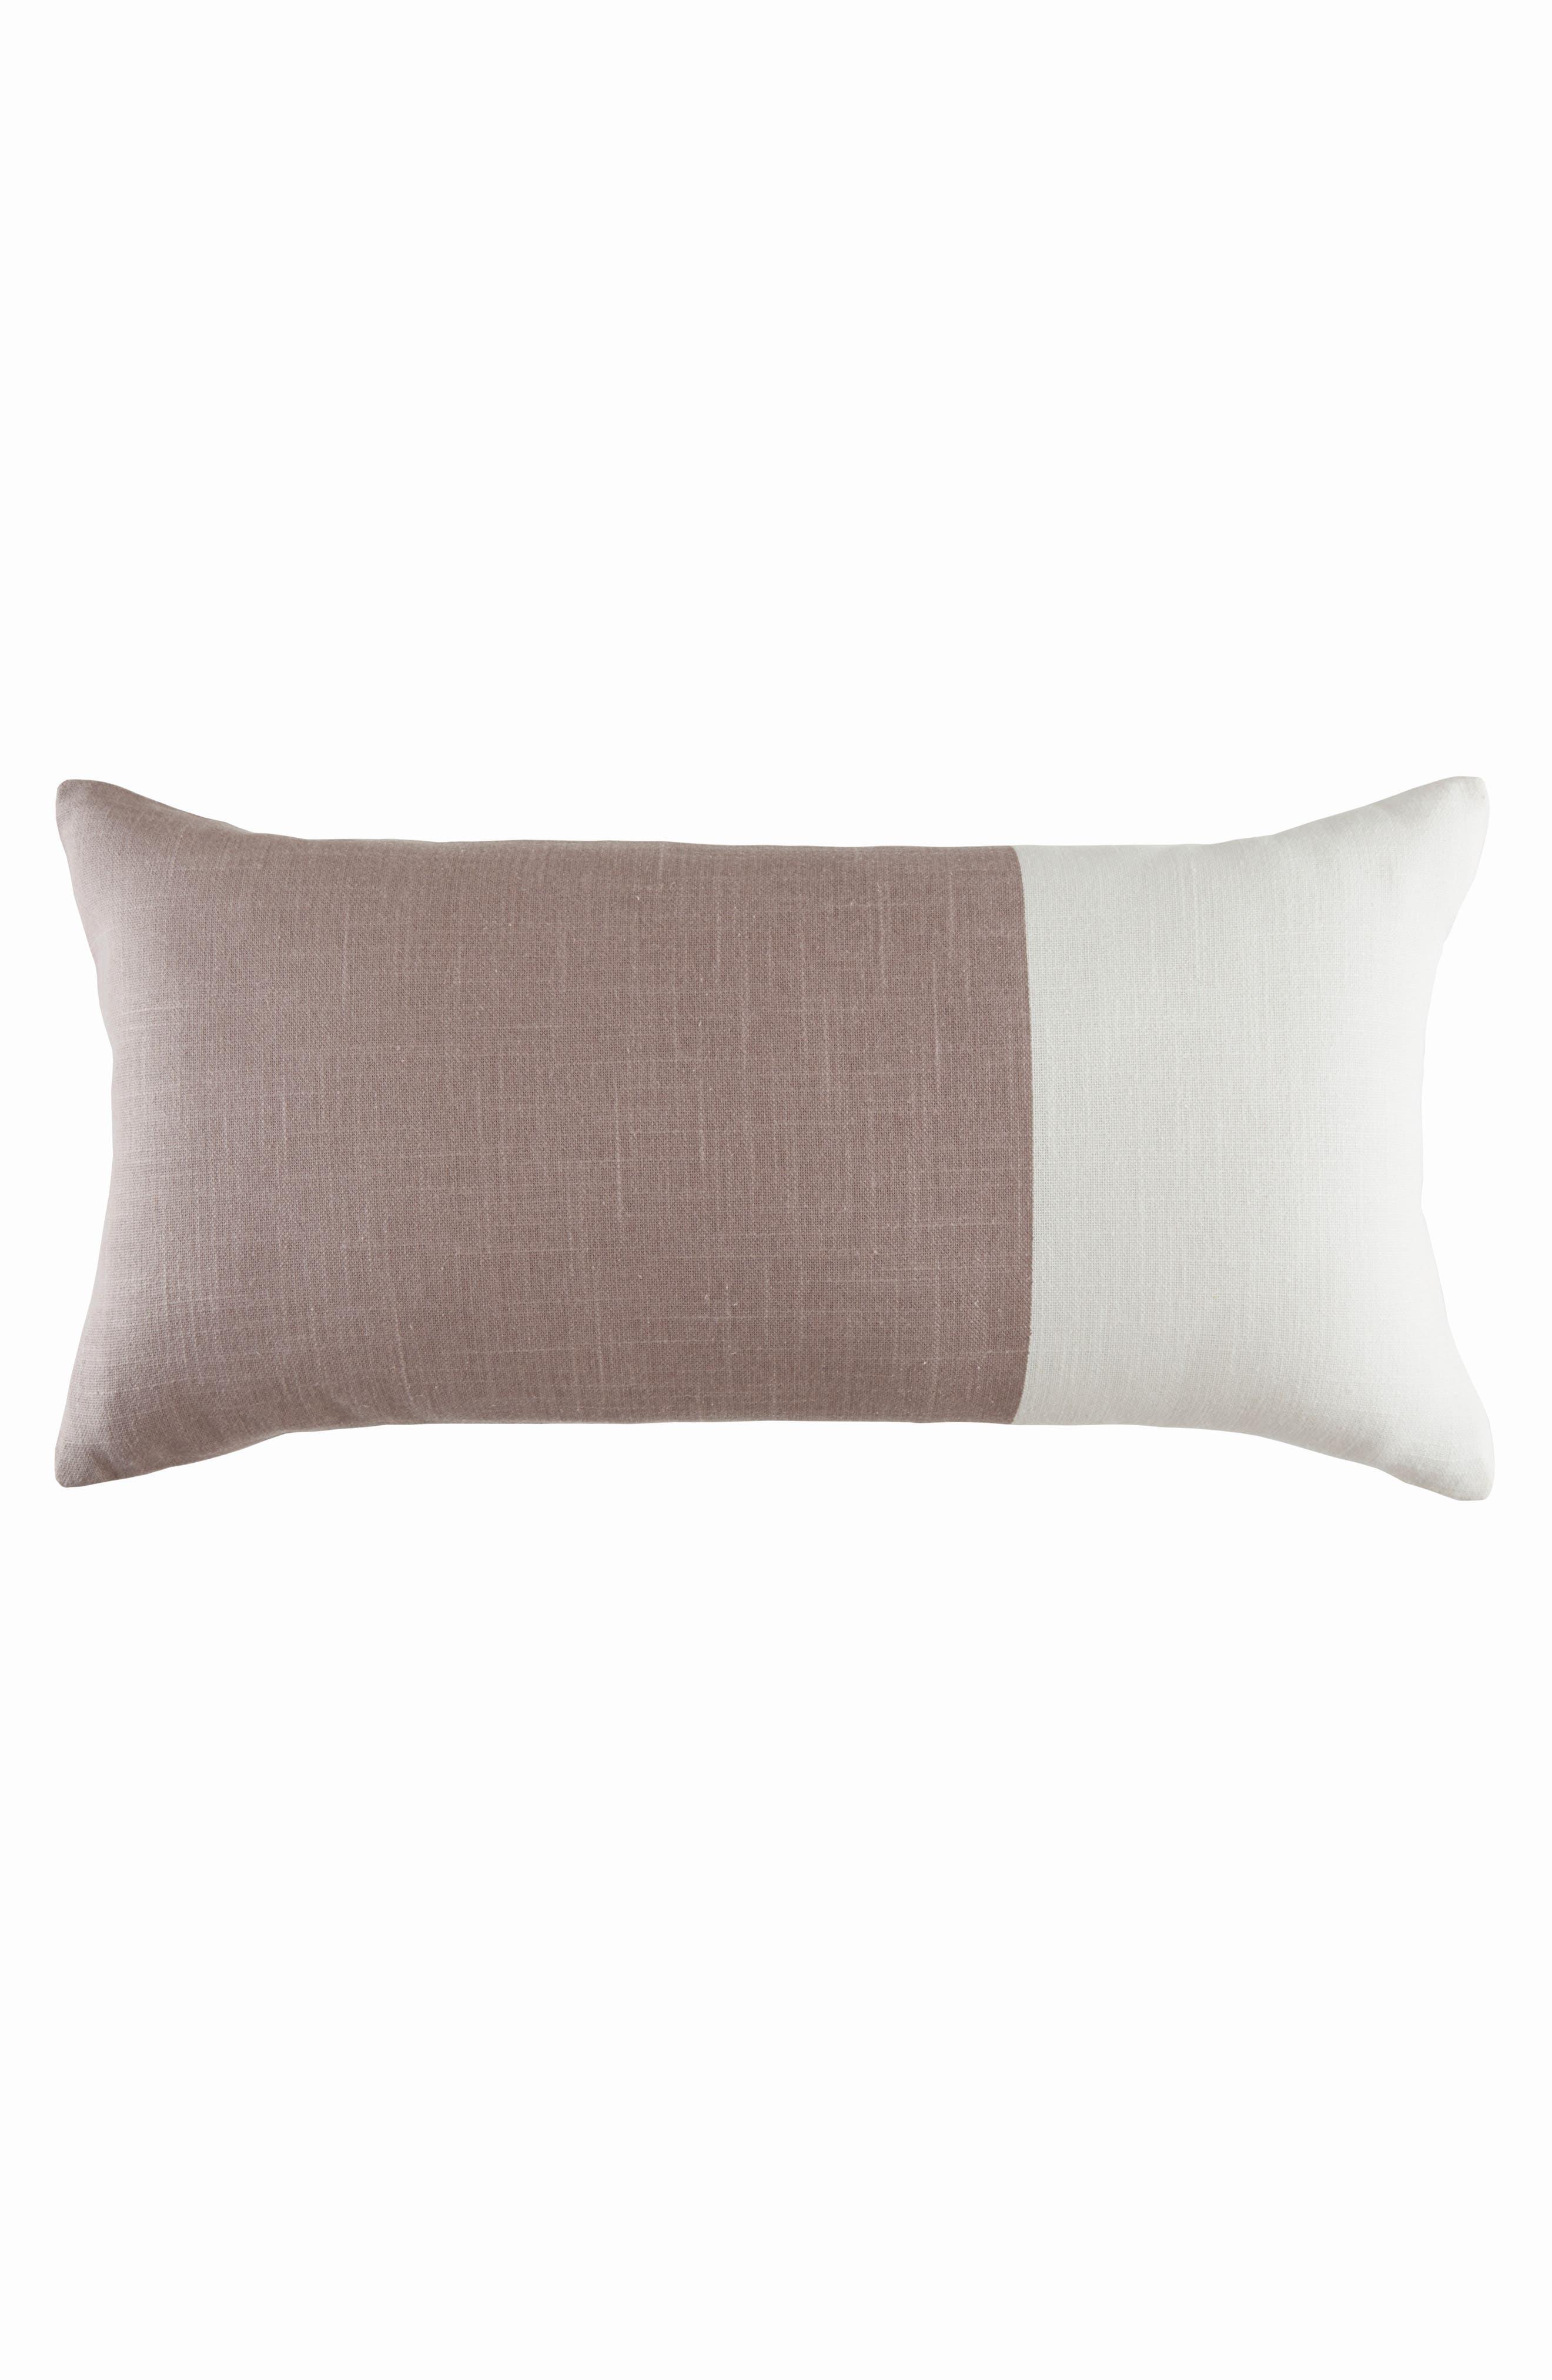 Colorblock Accent Pillow,                         Main,                         color, Quartz